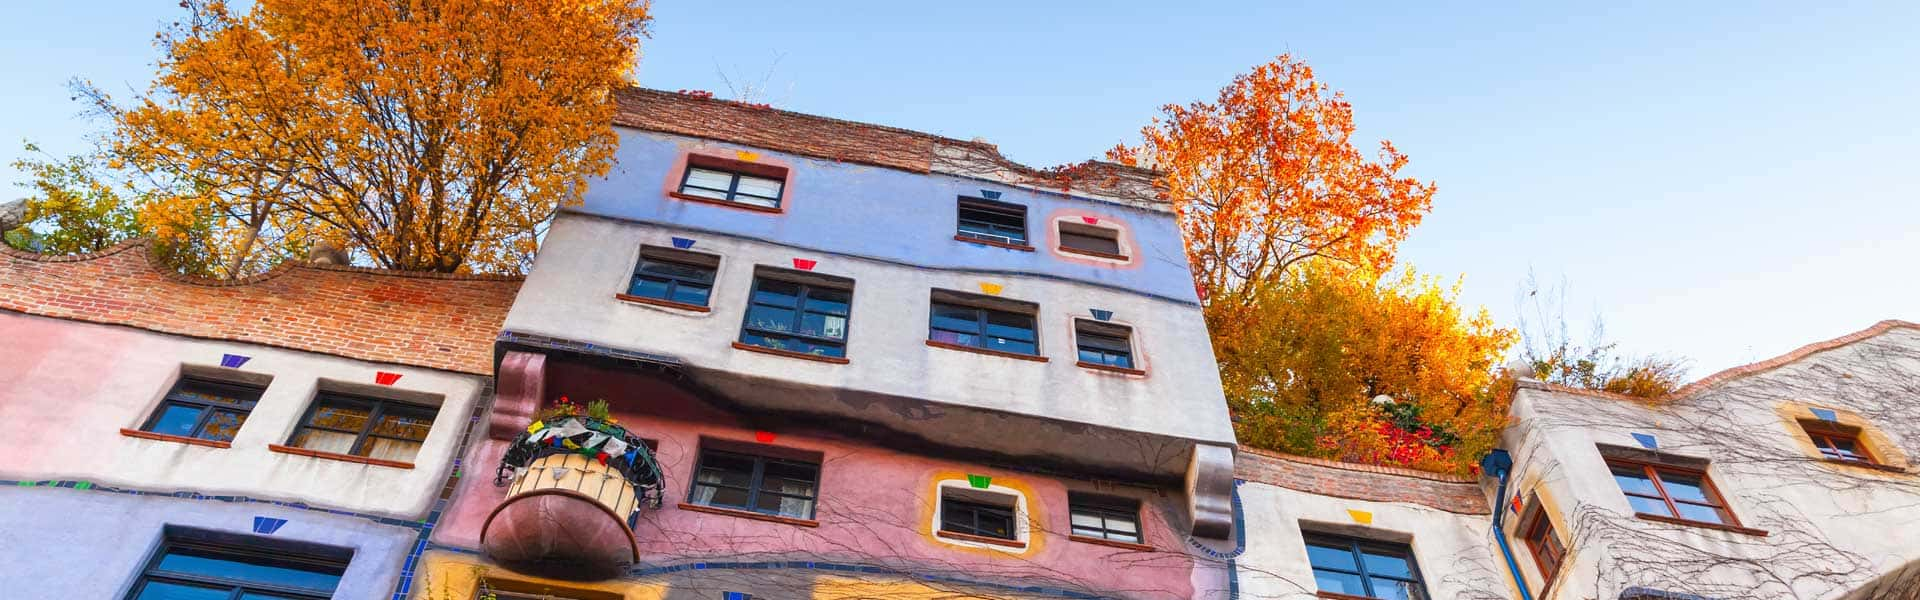 Erleben Sie das Wirken des Friedensreich Regentag Dunkelbunt Hundertwasser, im Hundertwasserhaus, in Wien